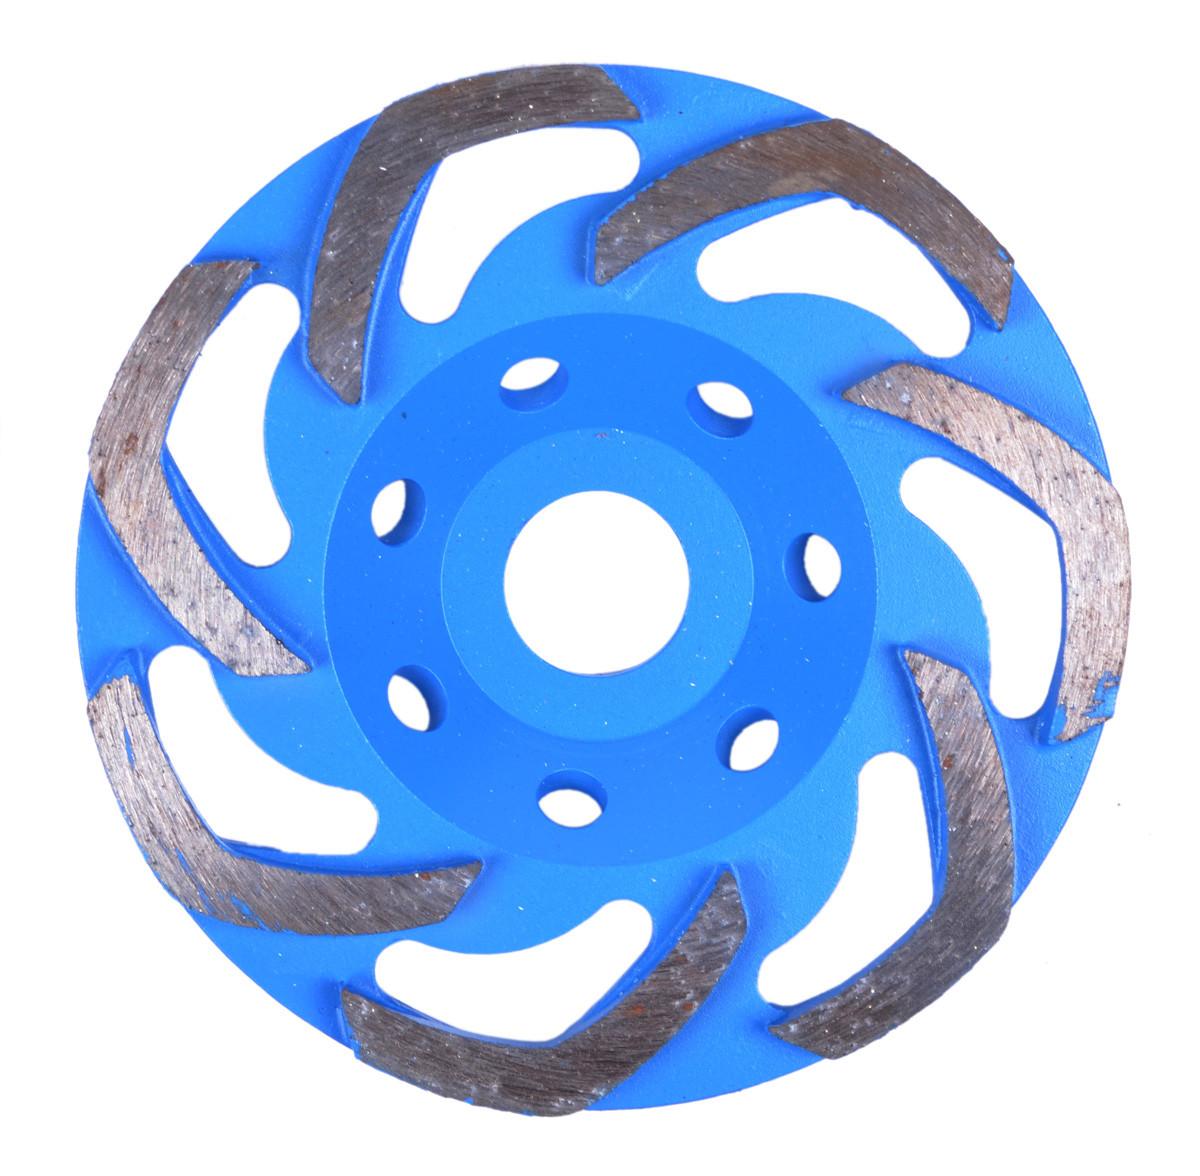 Алмазный шлифовальный круг для бетонной шлифовки 125 мм